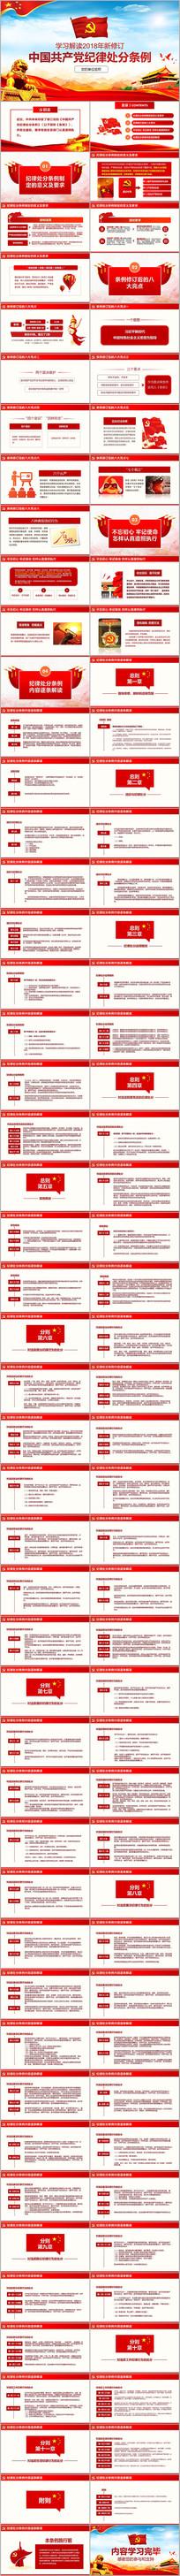 解读中国共产党纪律处分条例PPT